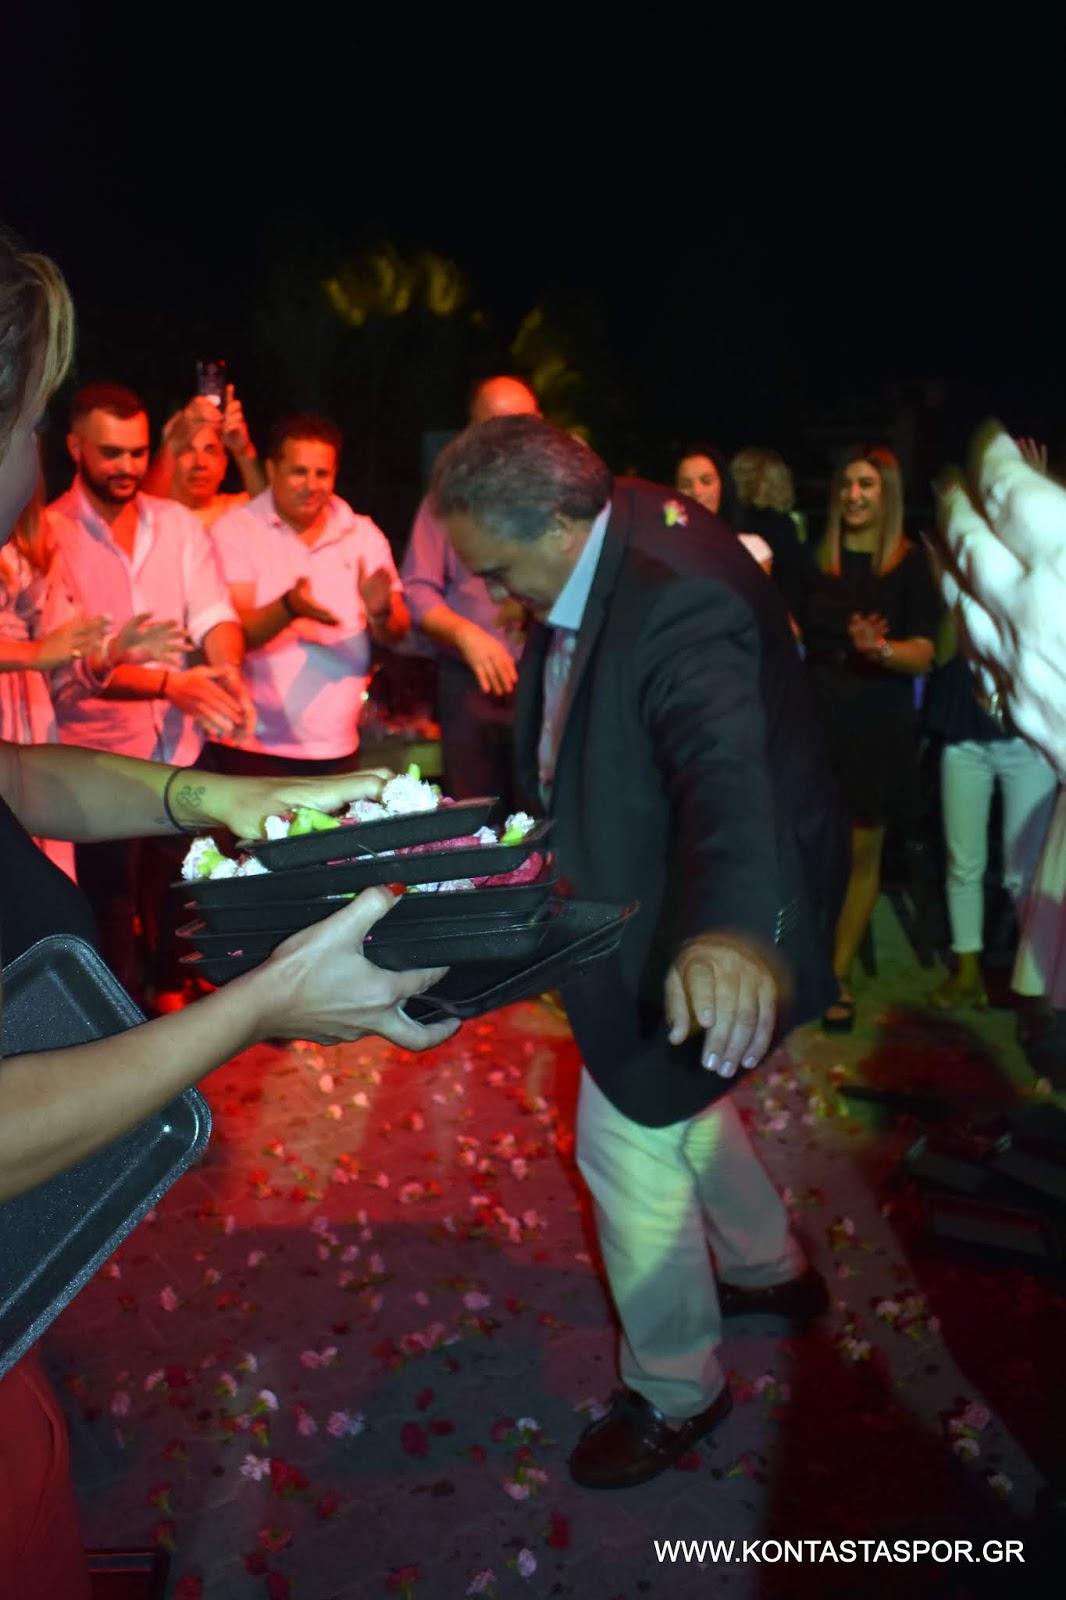 Με επιτυχία η λαική βραδιά  Αδαμαντίδη στα Ψαχνά (φωτογραφίες) 1 DSC 0315